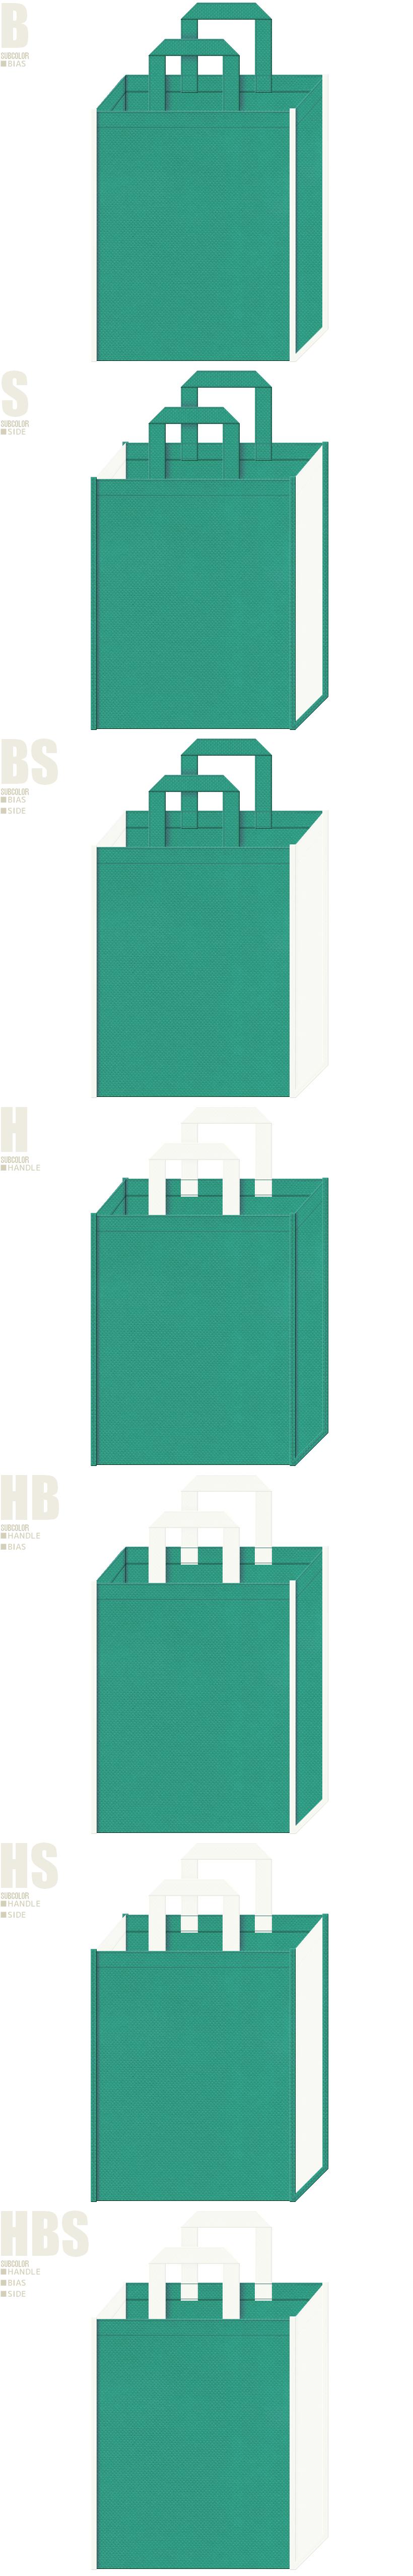 青緑色とオフホワイト色、7パターンの不織布トートバッグ配色デザイン例。掃除・洗濯・クリーニング用品の展示会用バッグや医療セミナーの資料配布用バッグにお奨めです。